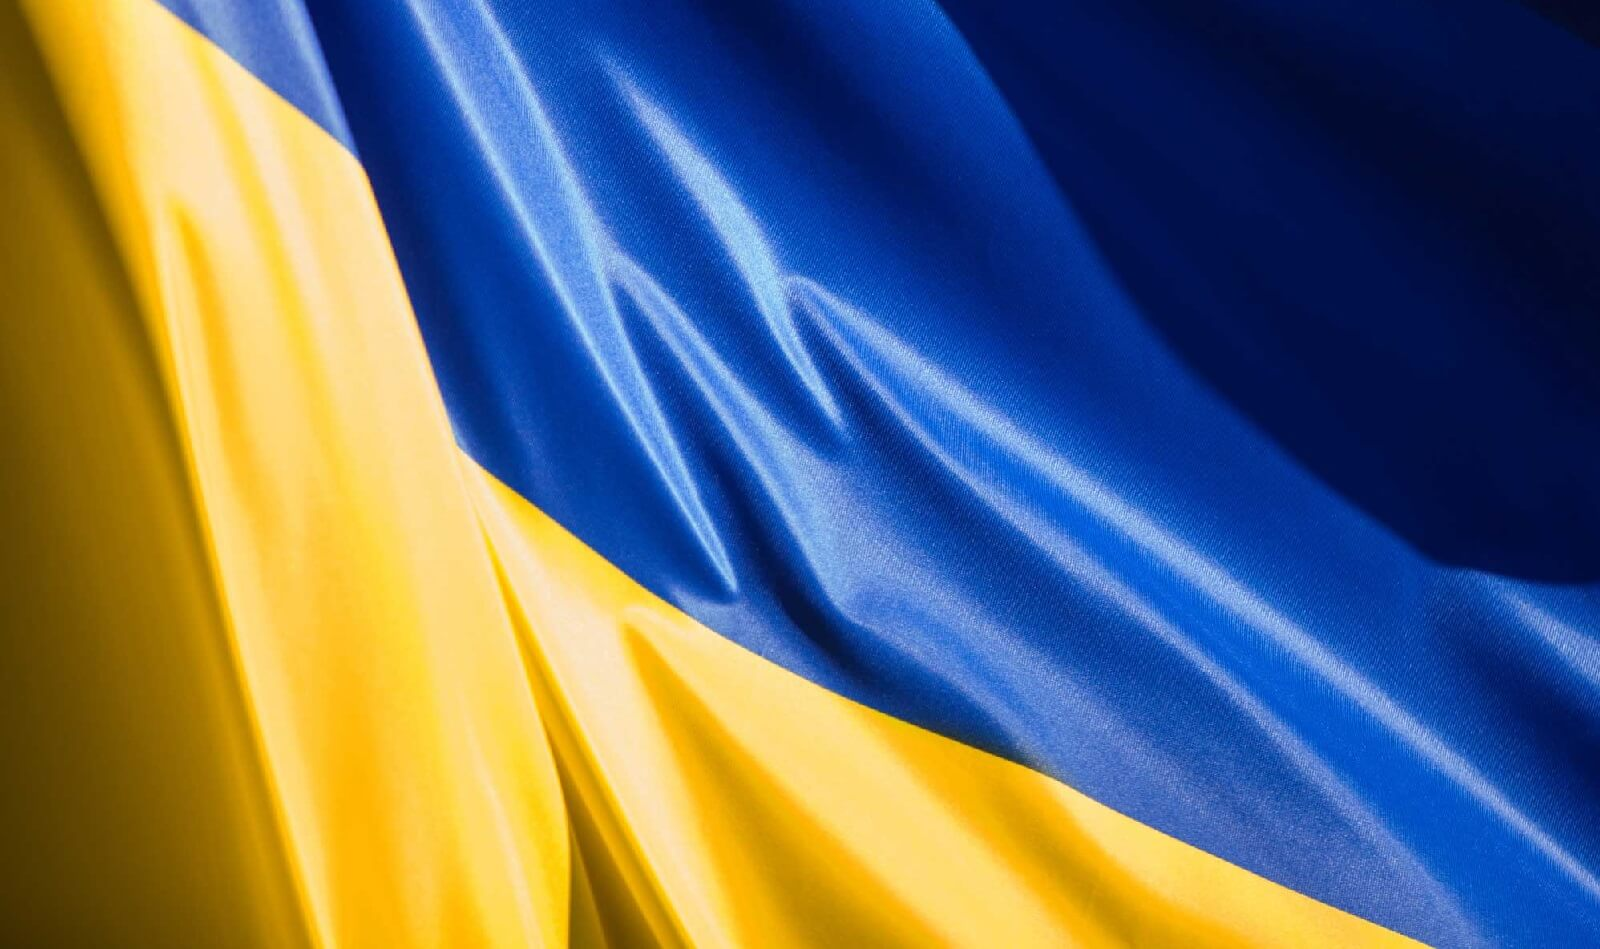 З Днем Прапора України! - фото - mtb.ua